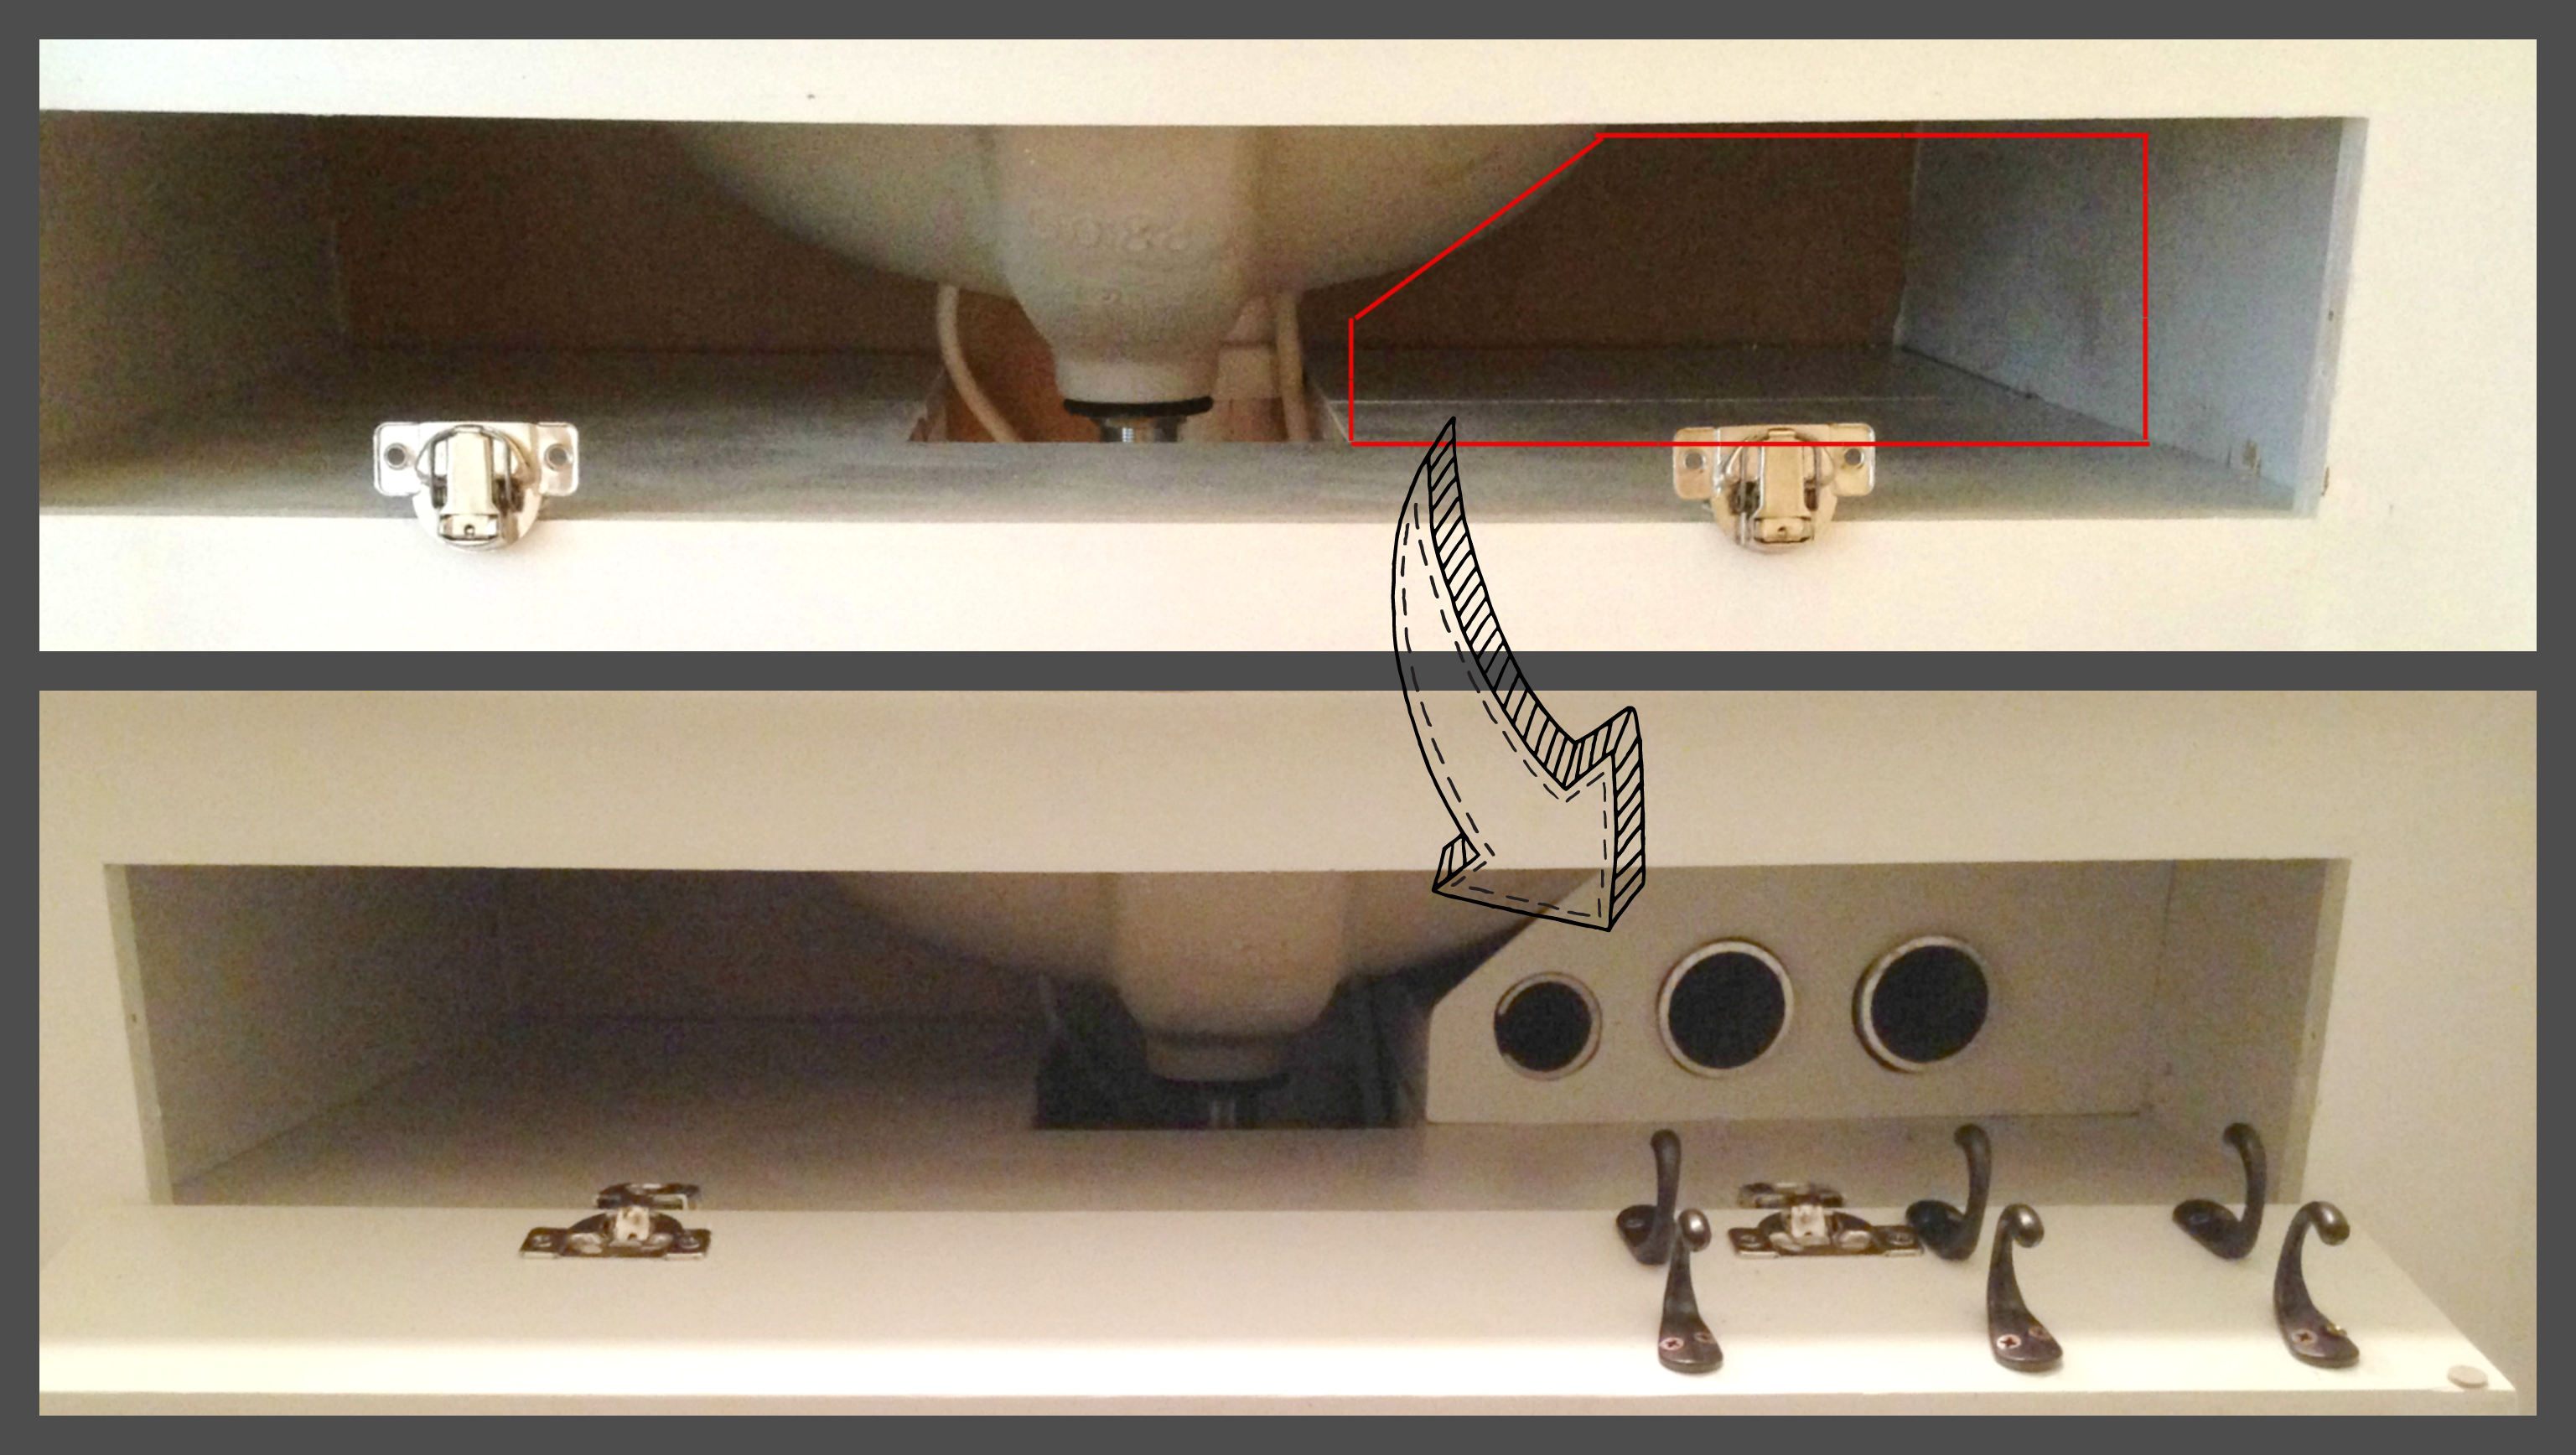 Diy under bathroom sink storage - Diy Hair Care Storage Remodelaholic Com